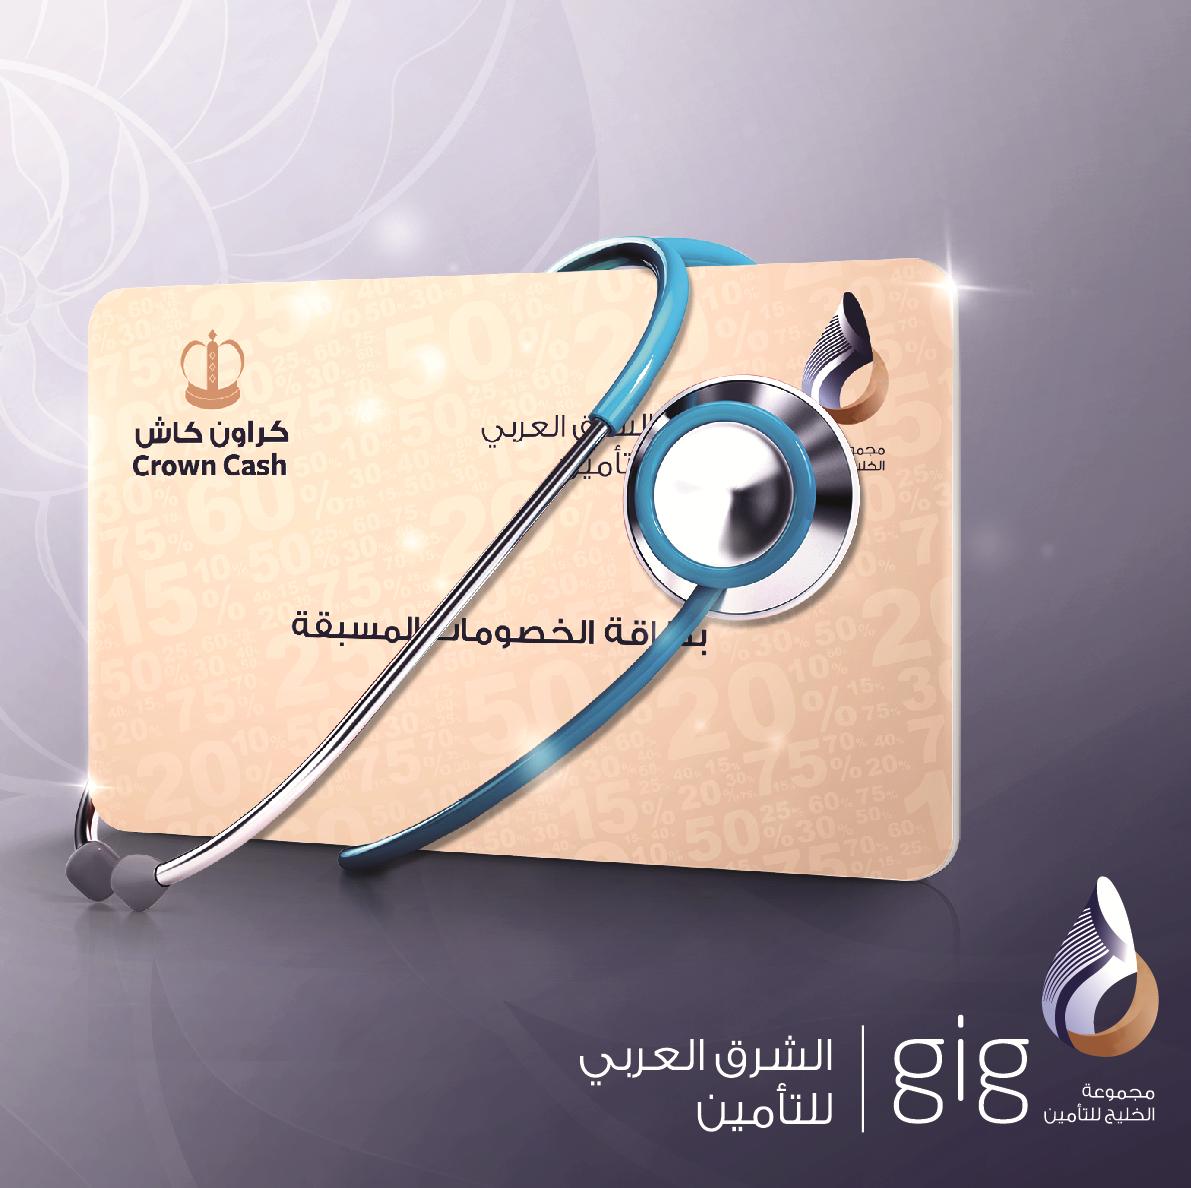 خصومات مسبقة  تمنحك إياها بطاقة كراون كاش الطبية من gig | شركة الشرق العربي للتأمين